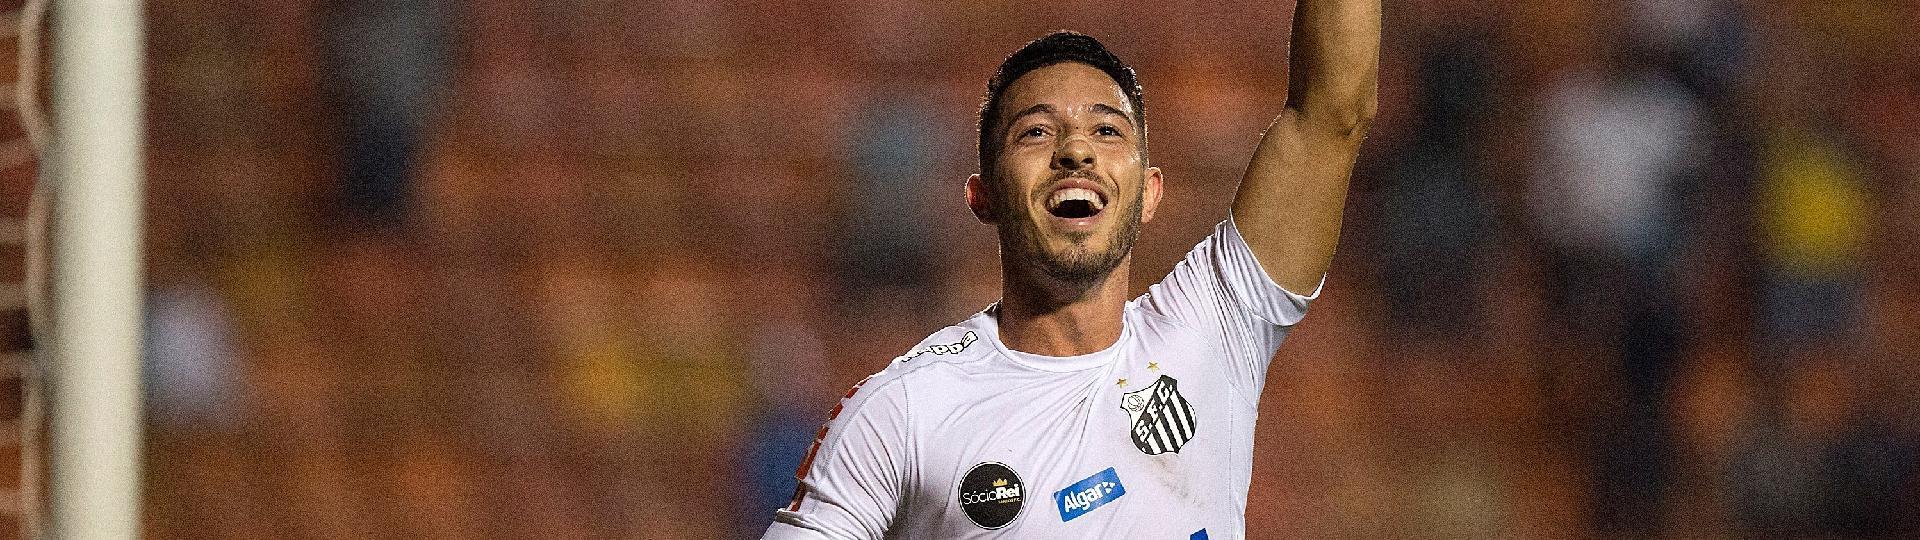 Jean Mota empata para o Santos contra o Vitória e comemora